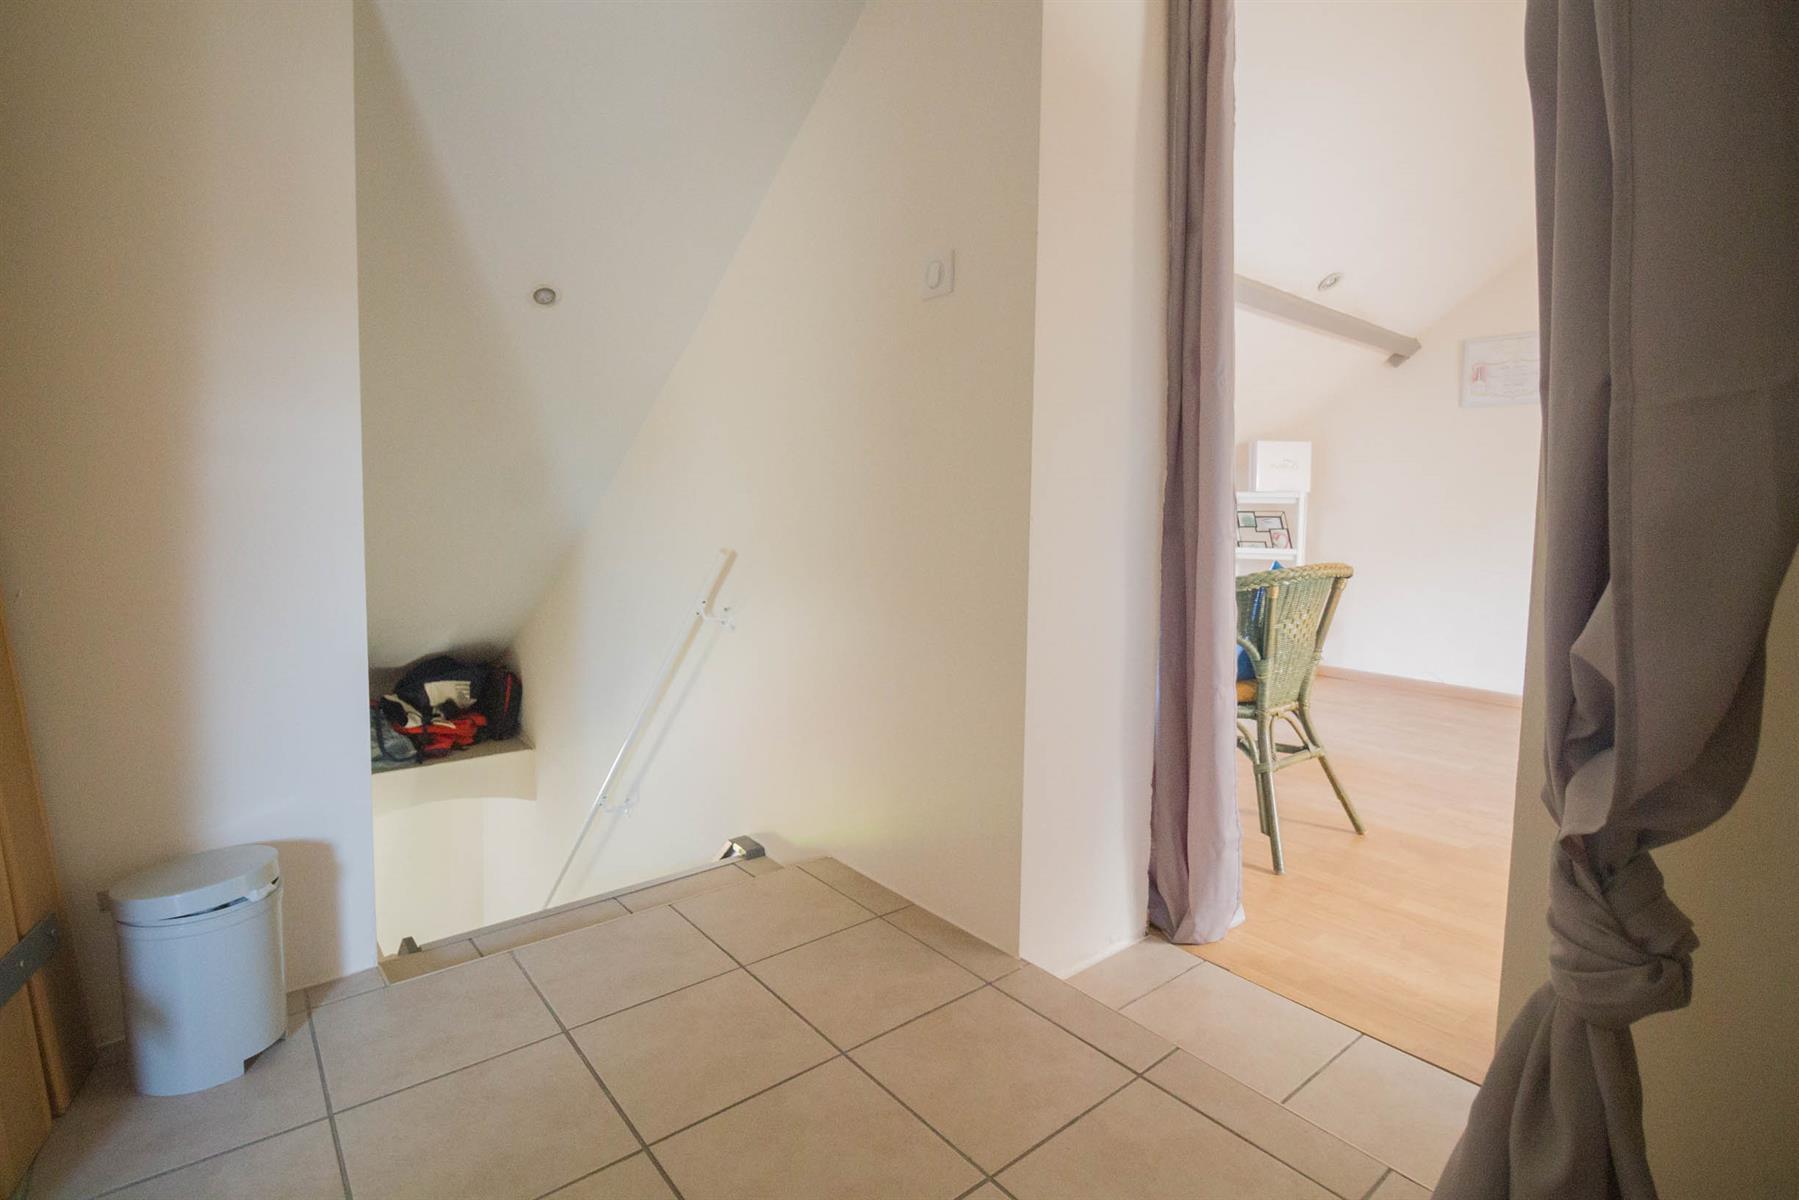 Appartement - Forchies-la-Marche - #4397249-26